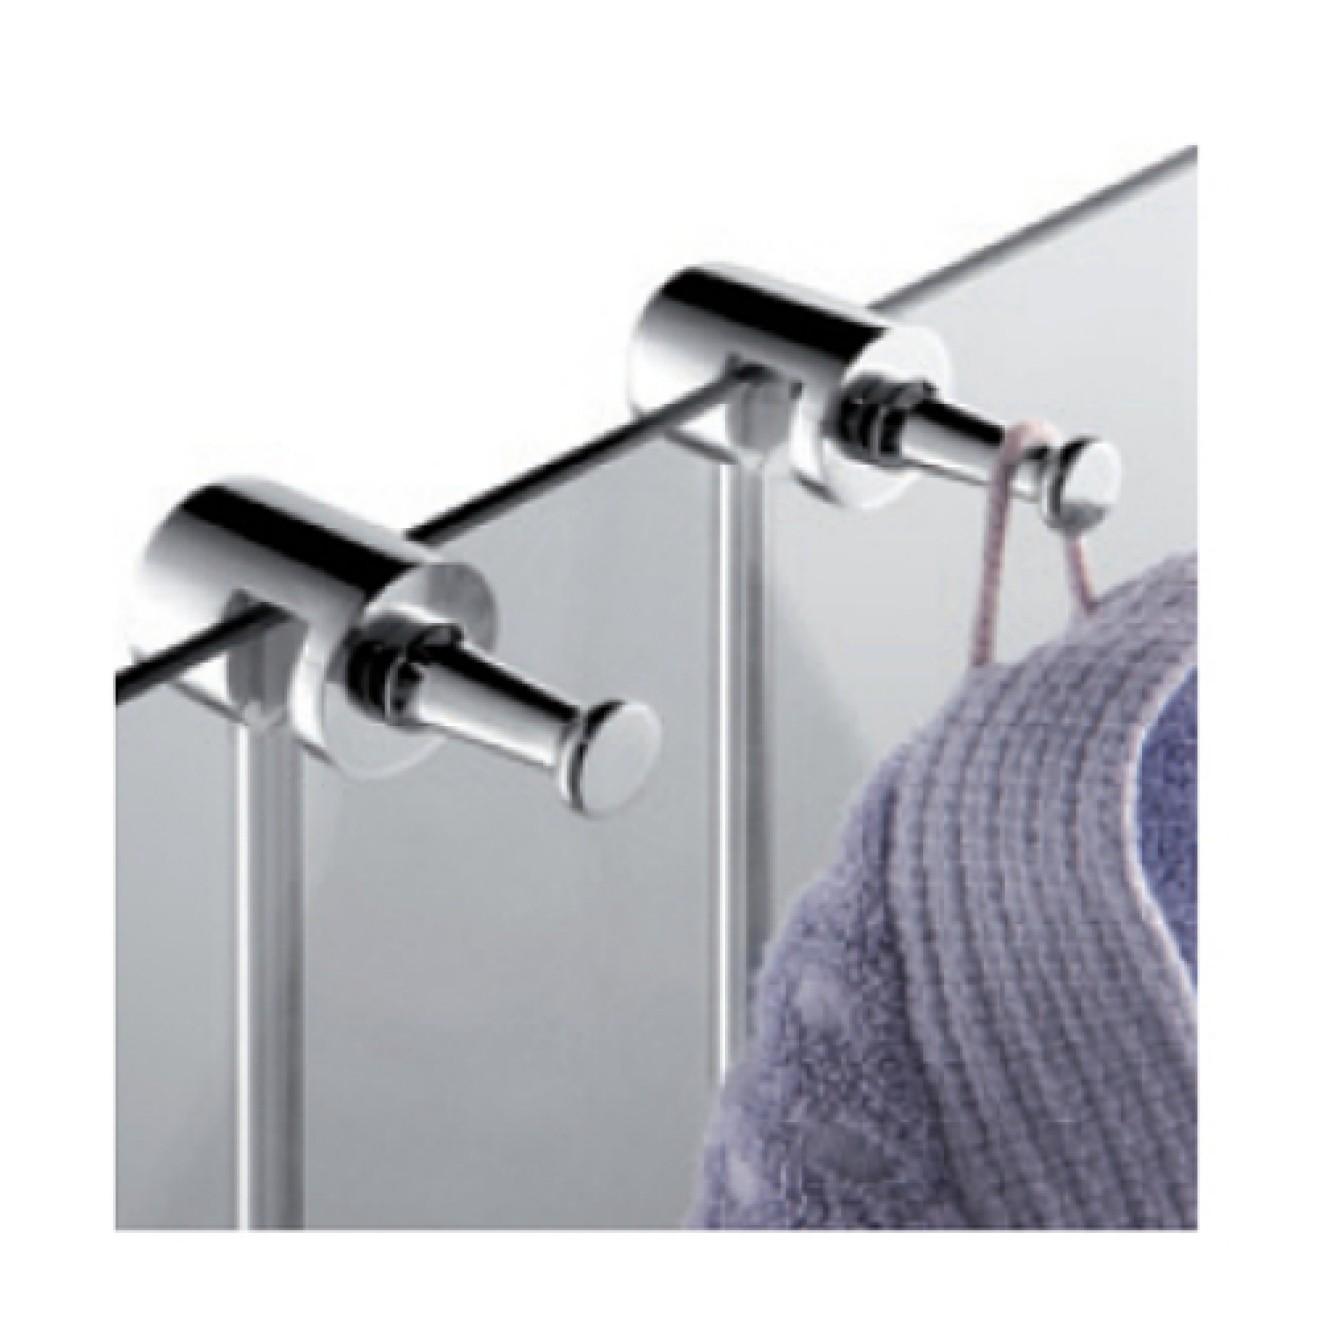 duschregal mit drei k rben zum klemmen an eine glasduschwand mit glaswischer treffpunkt bad. Black Bedroom Furniture Sets. Home Design Ideas